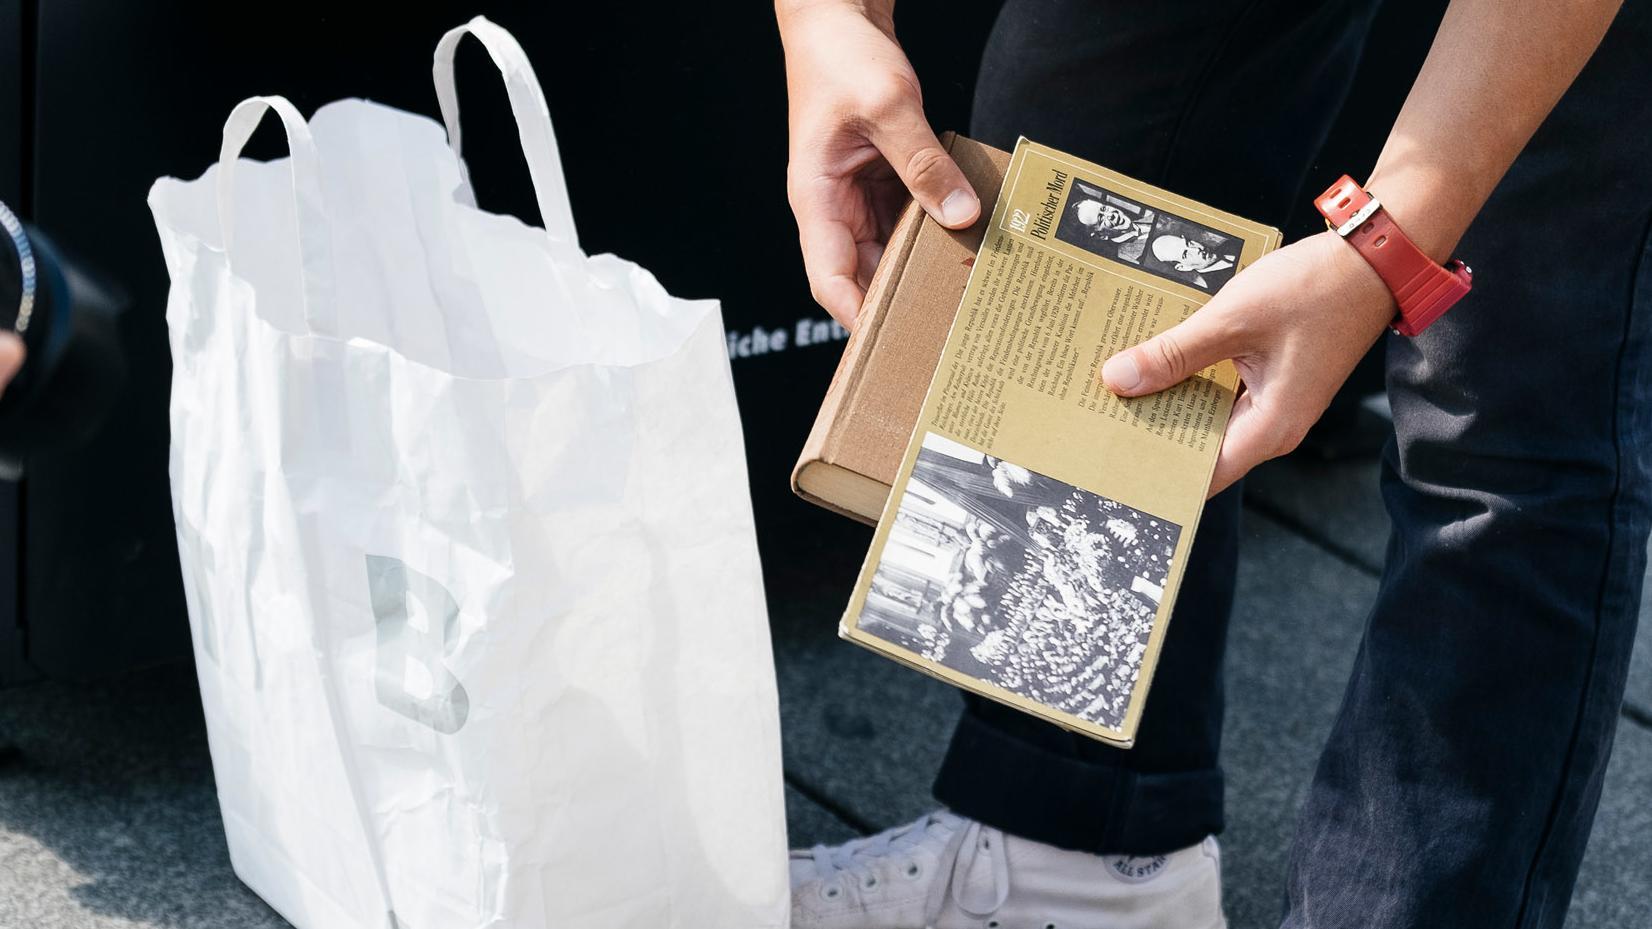 Yoshinori Niwa räumt alte Bücher aus dem Recycling-Container